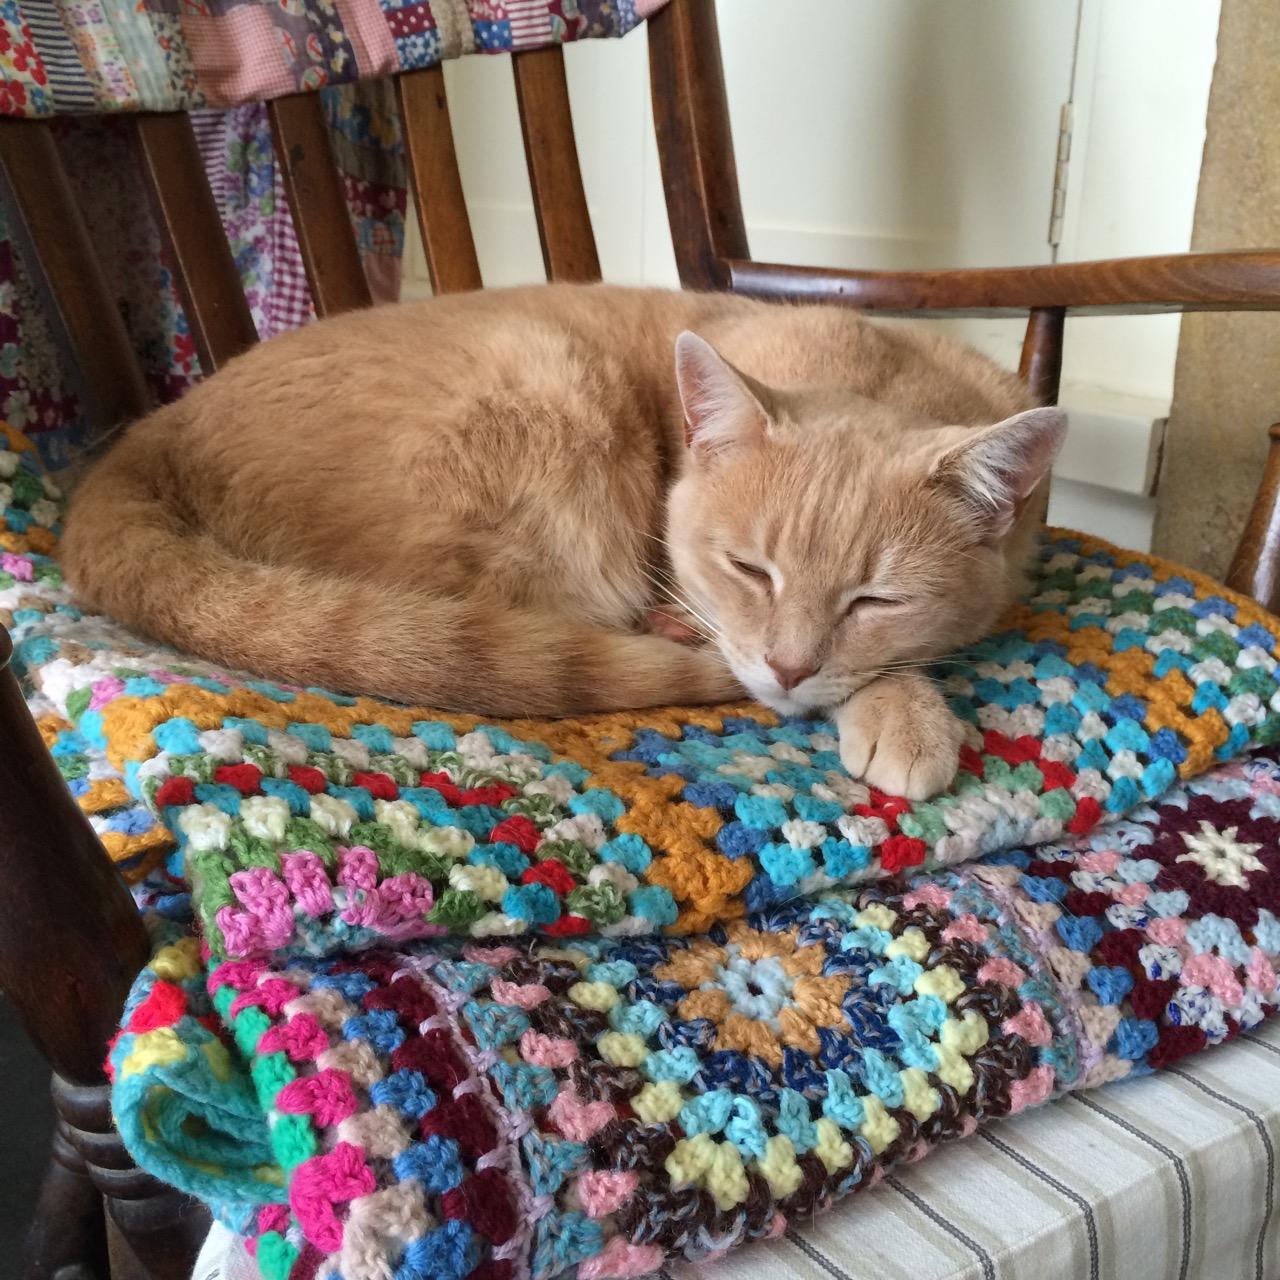 Mr Peach